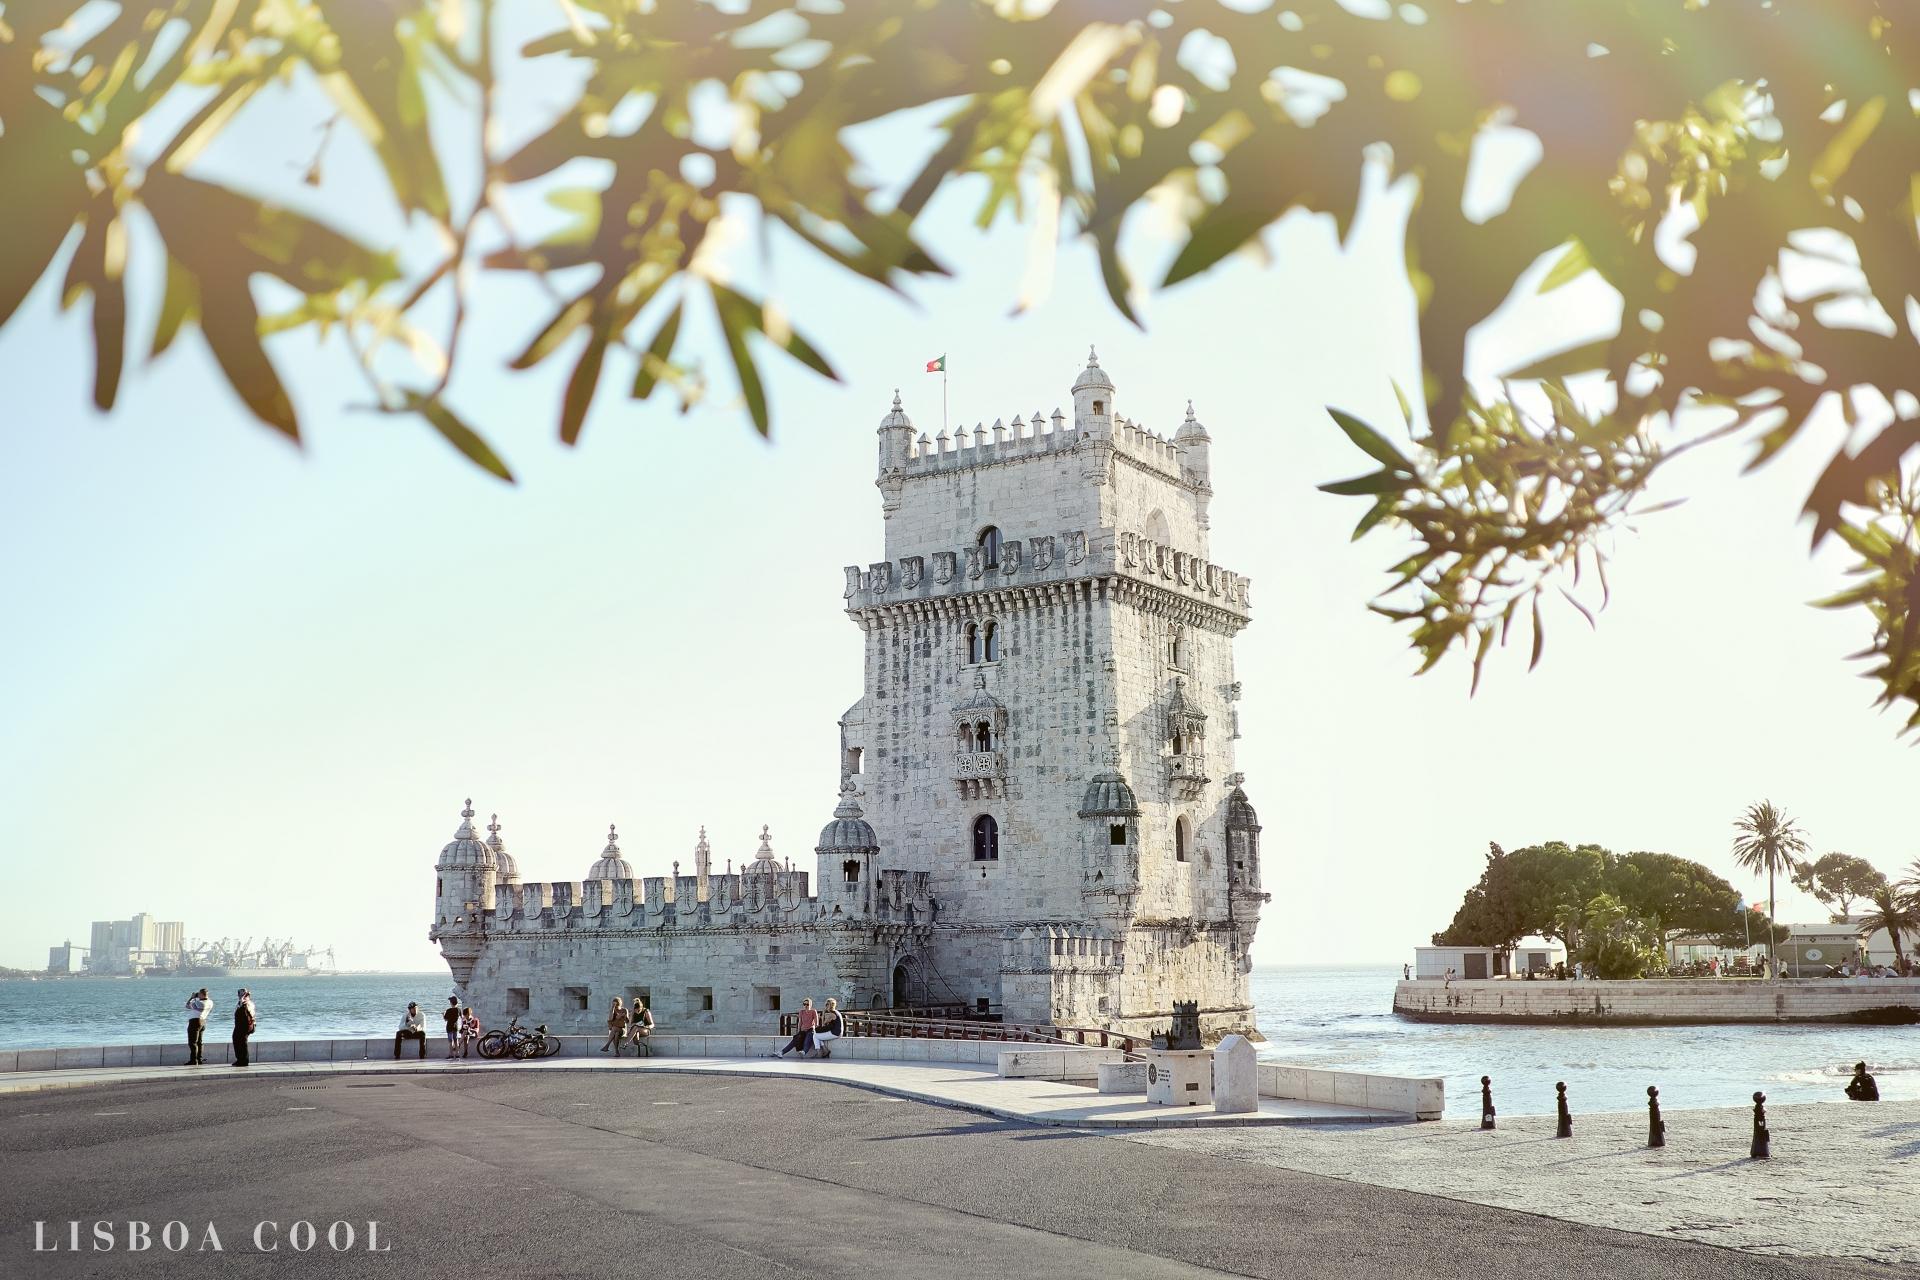 LisboaCool_Blog_5 Produtos Inspirados em Lisboa